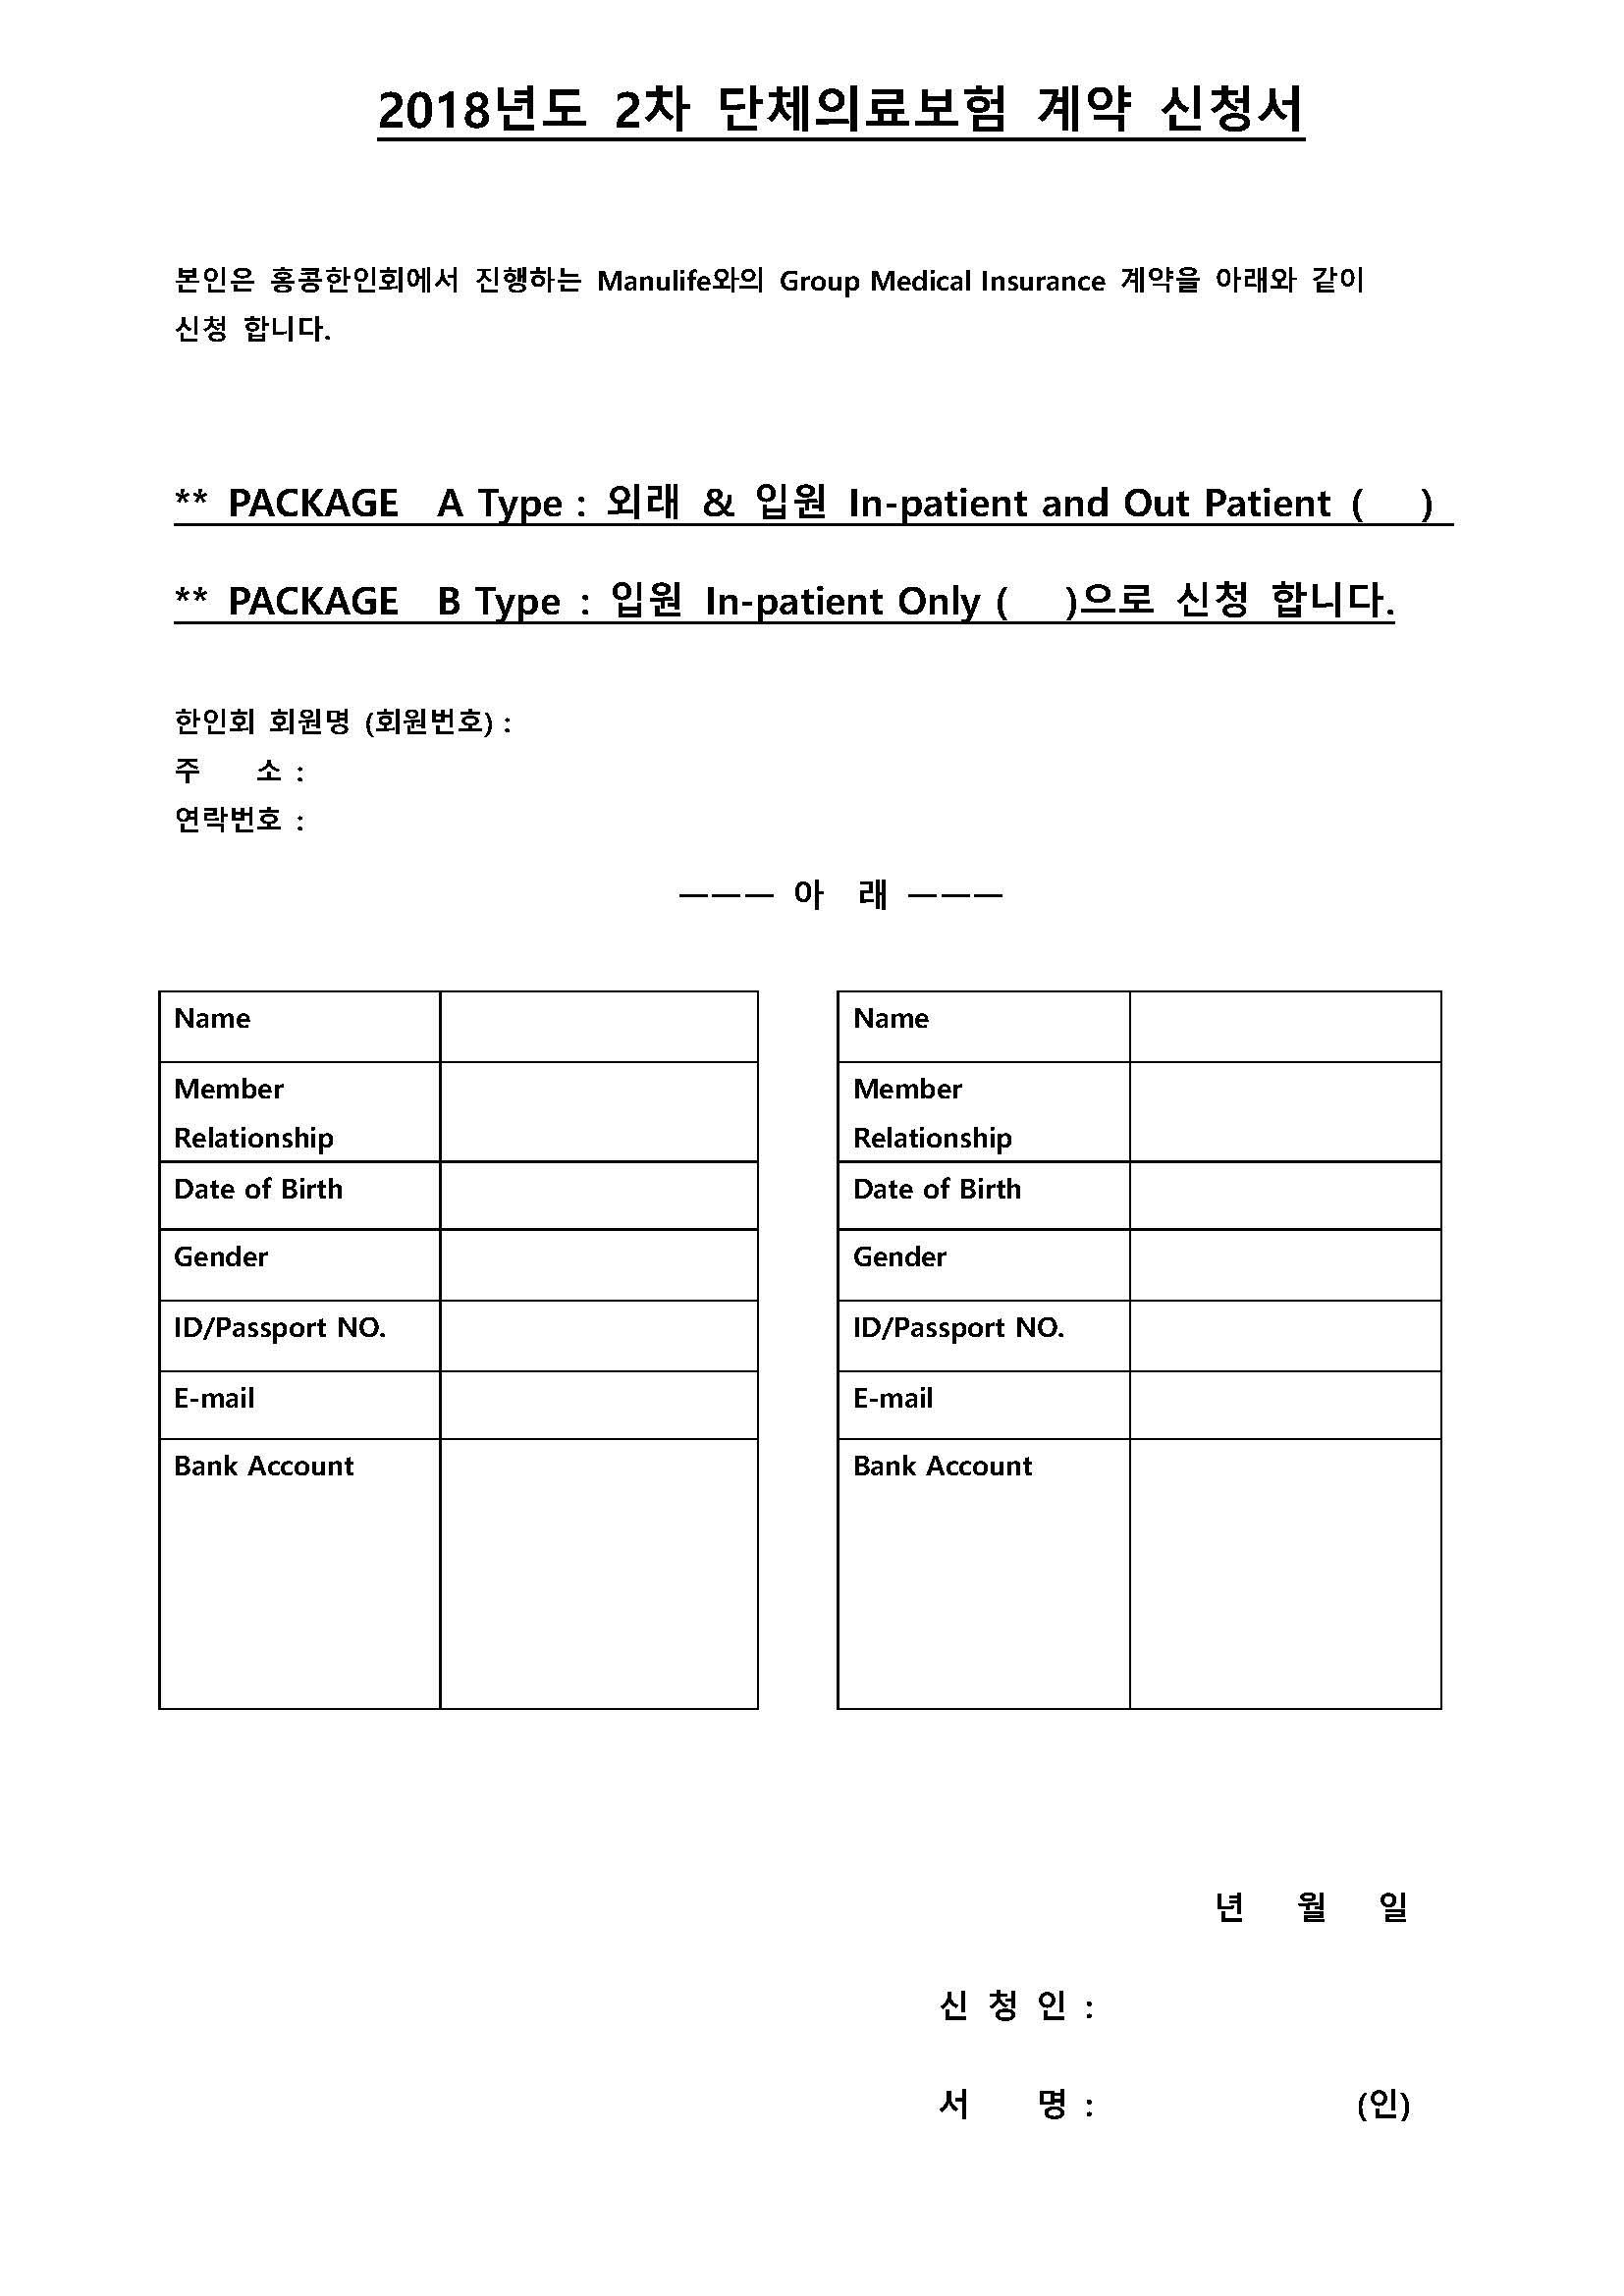 의료보험_계약_신청서_2018_2차_180612 JPG.jpg